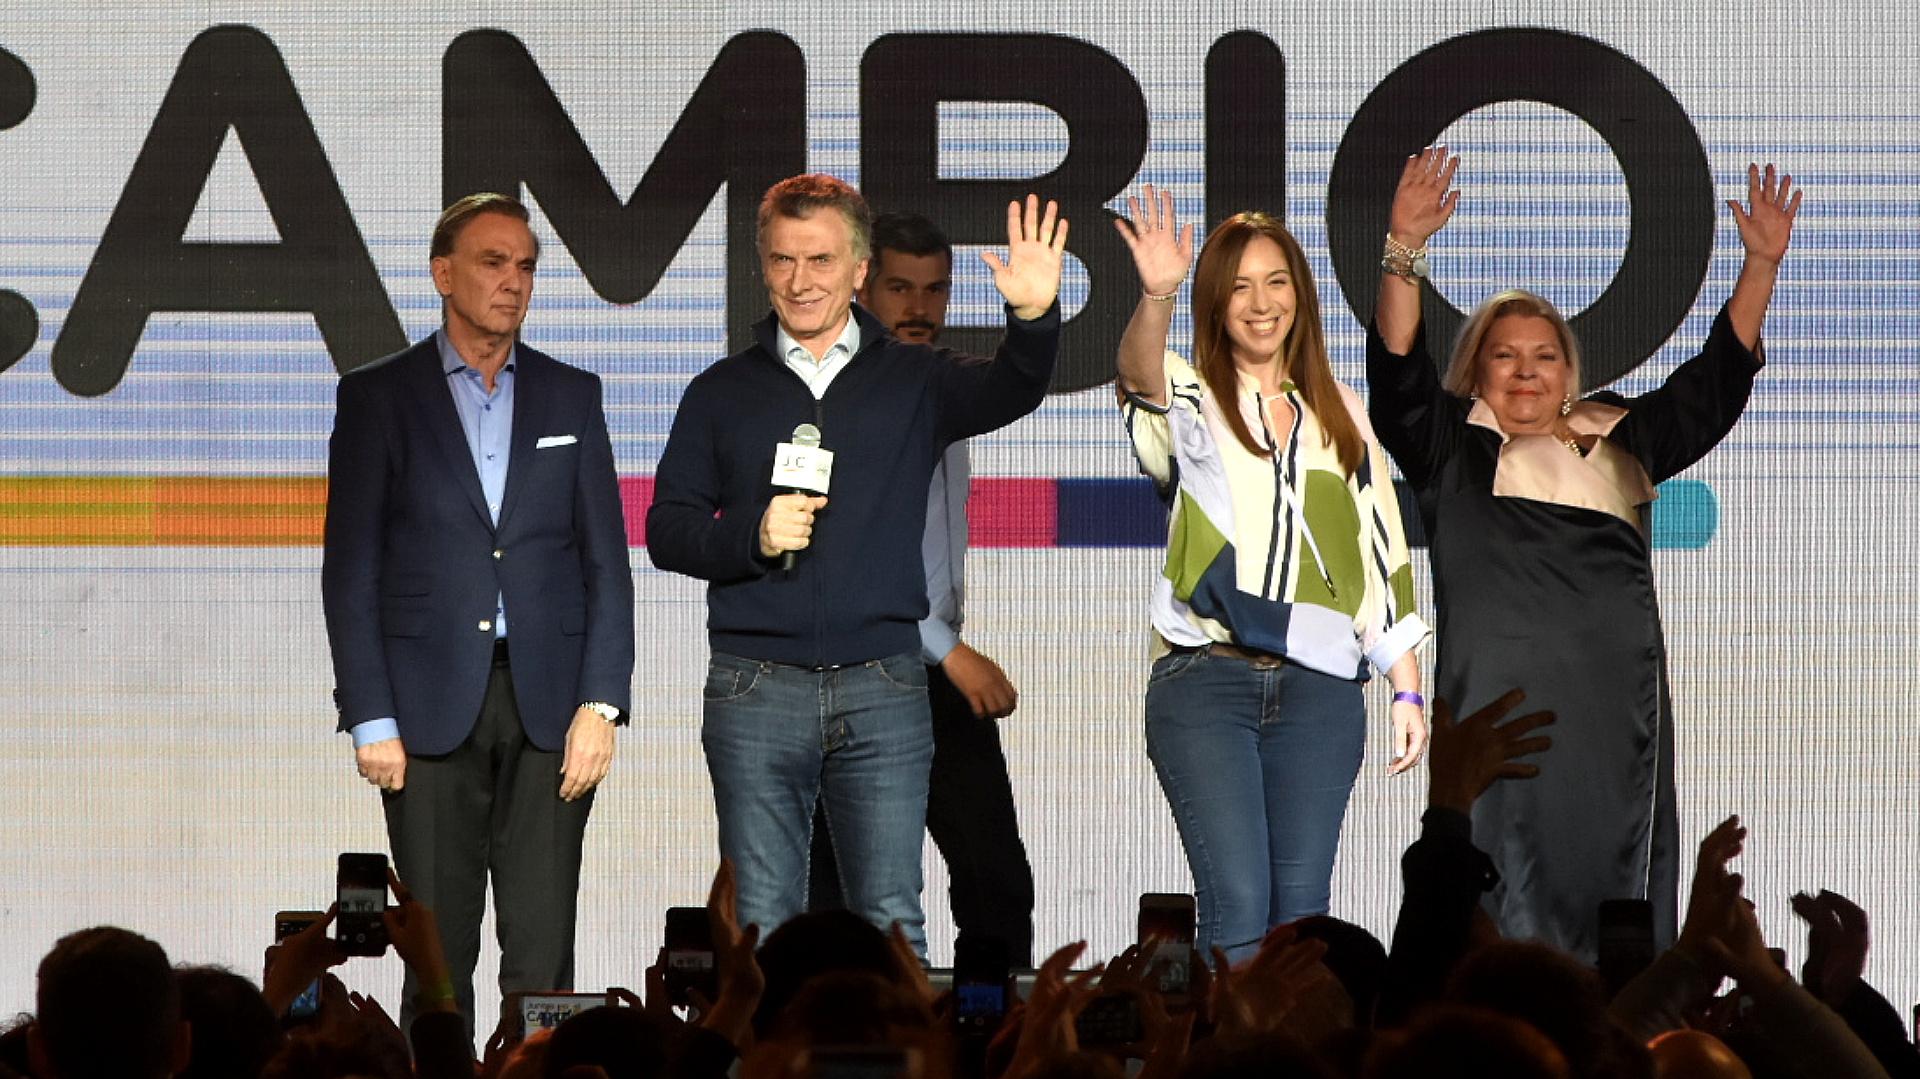 Apenas un saludo de Mauricio Macri y María Eugenia Vidal tras conocerse los resultados (Nicolás Stulberg)